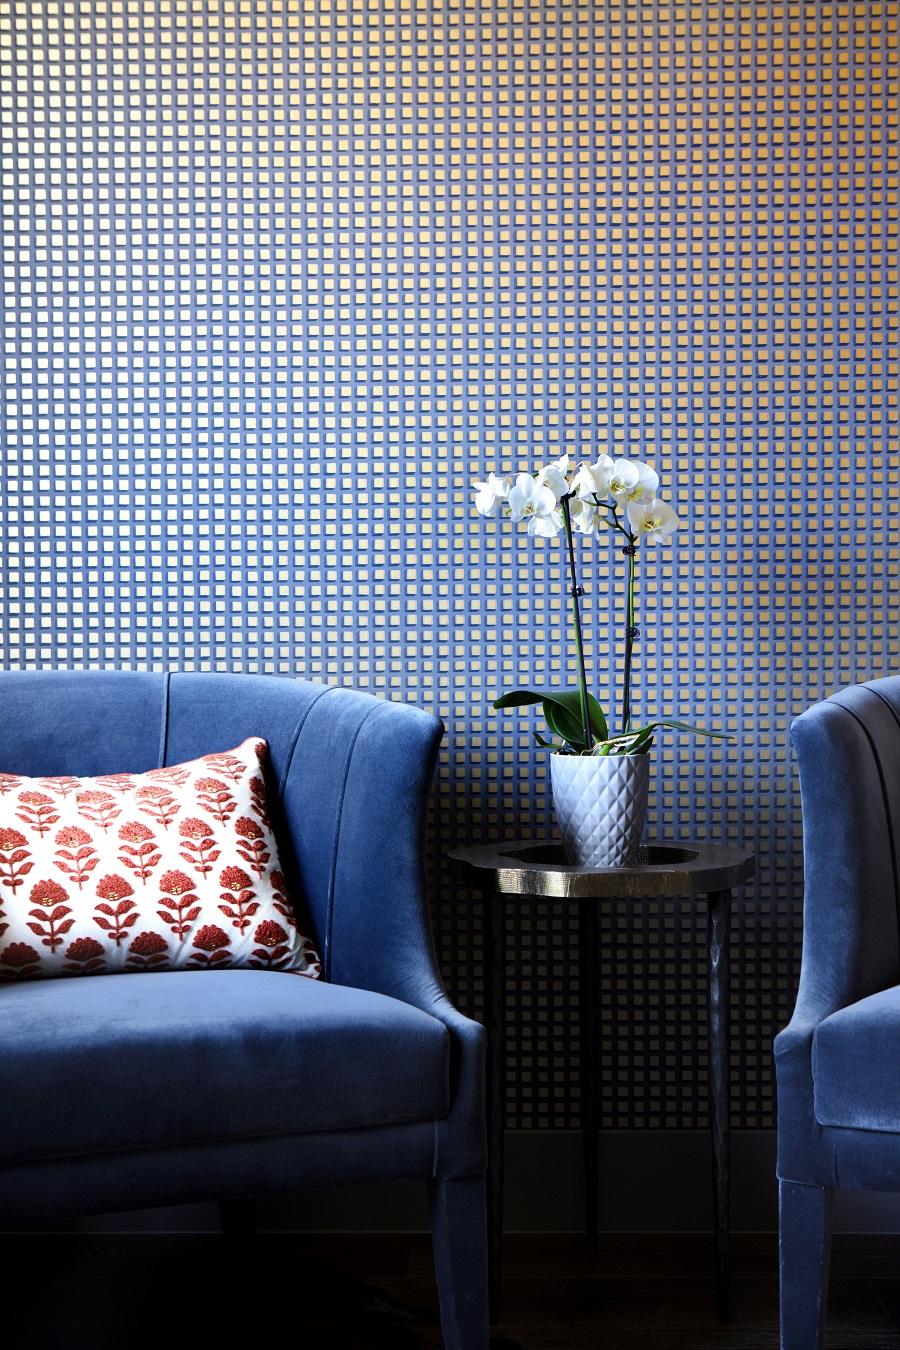 Etch Design Group: неординарный дизайн интерьера в стиле эклектика etch design group Etch Design Group: неординарный дизайн интерьера в стиле эклектика 1J2A8030 ETCH